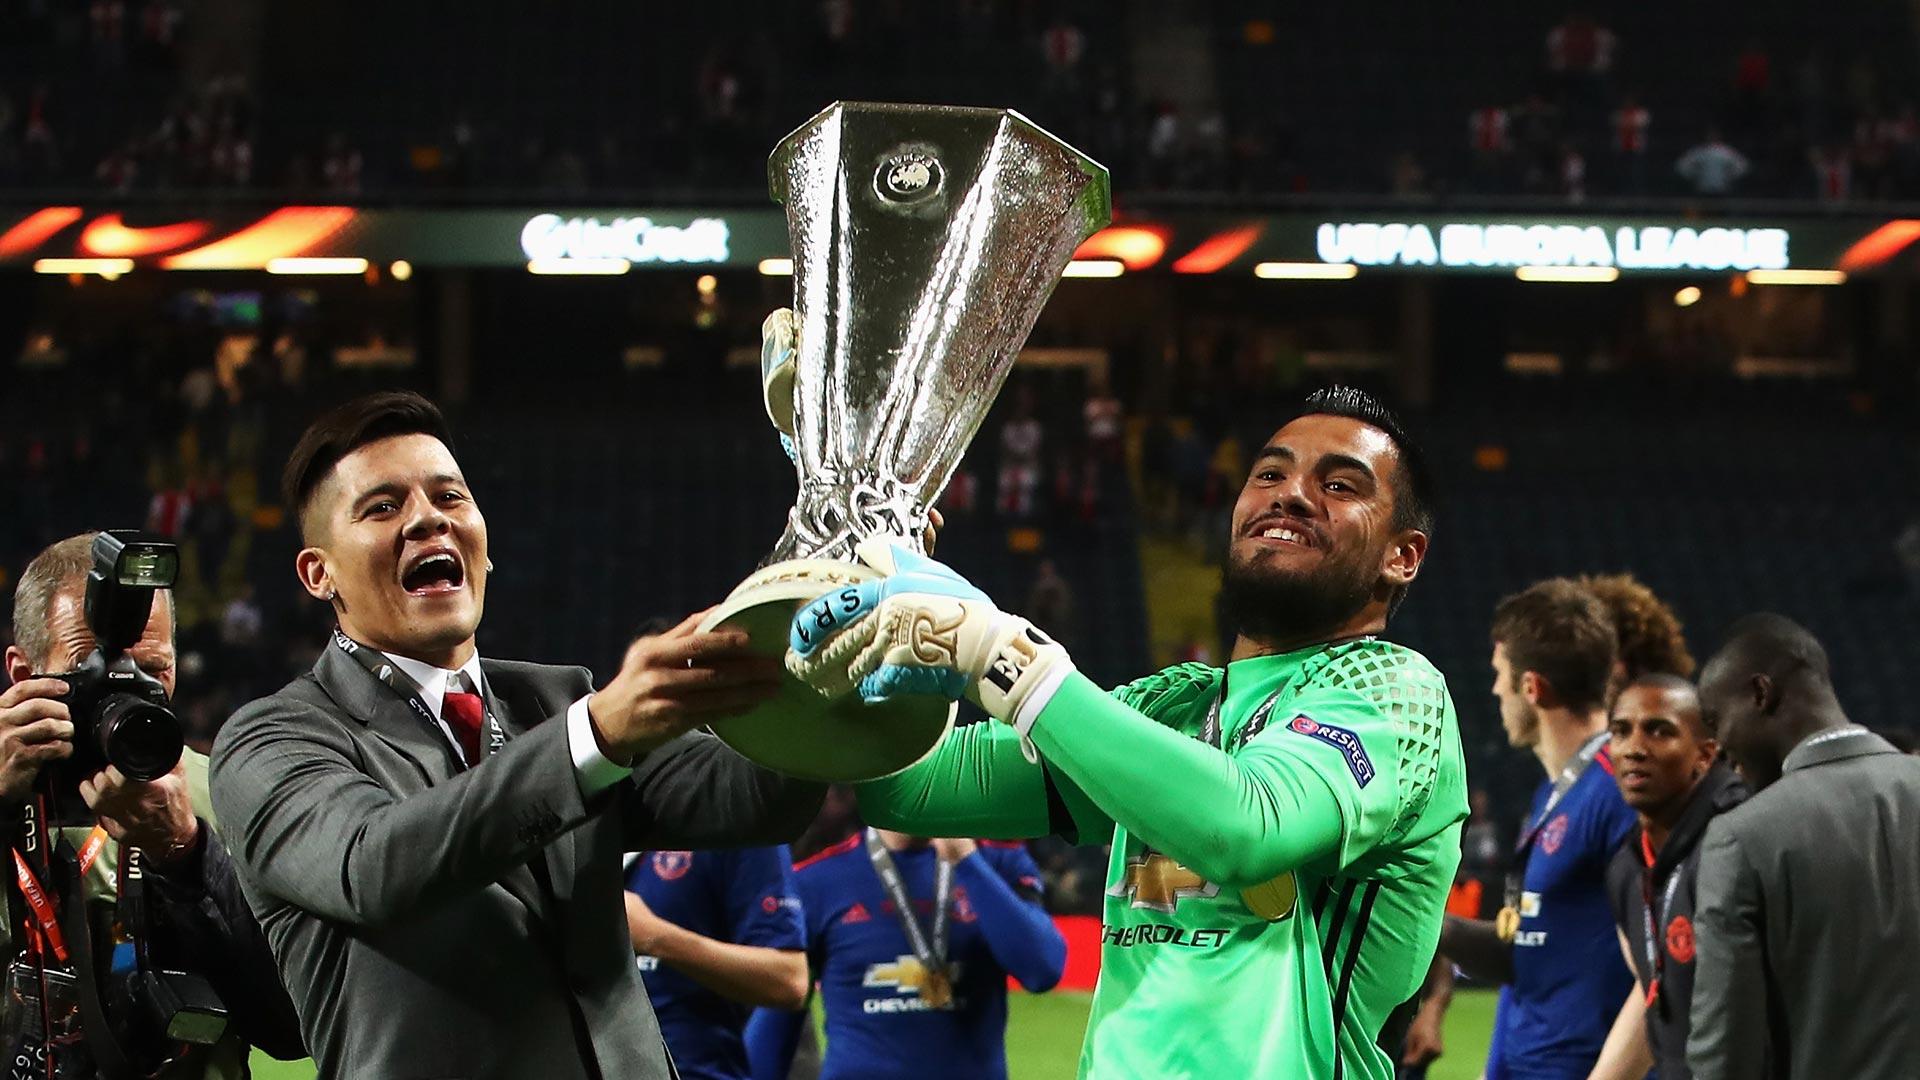 El arquero fue titular en la final de la Europa League (Getty Images)